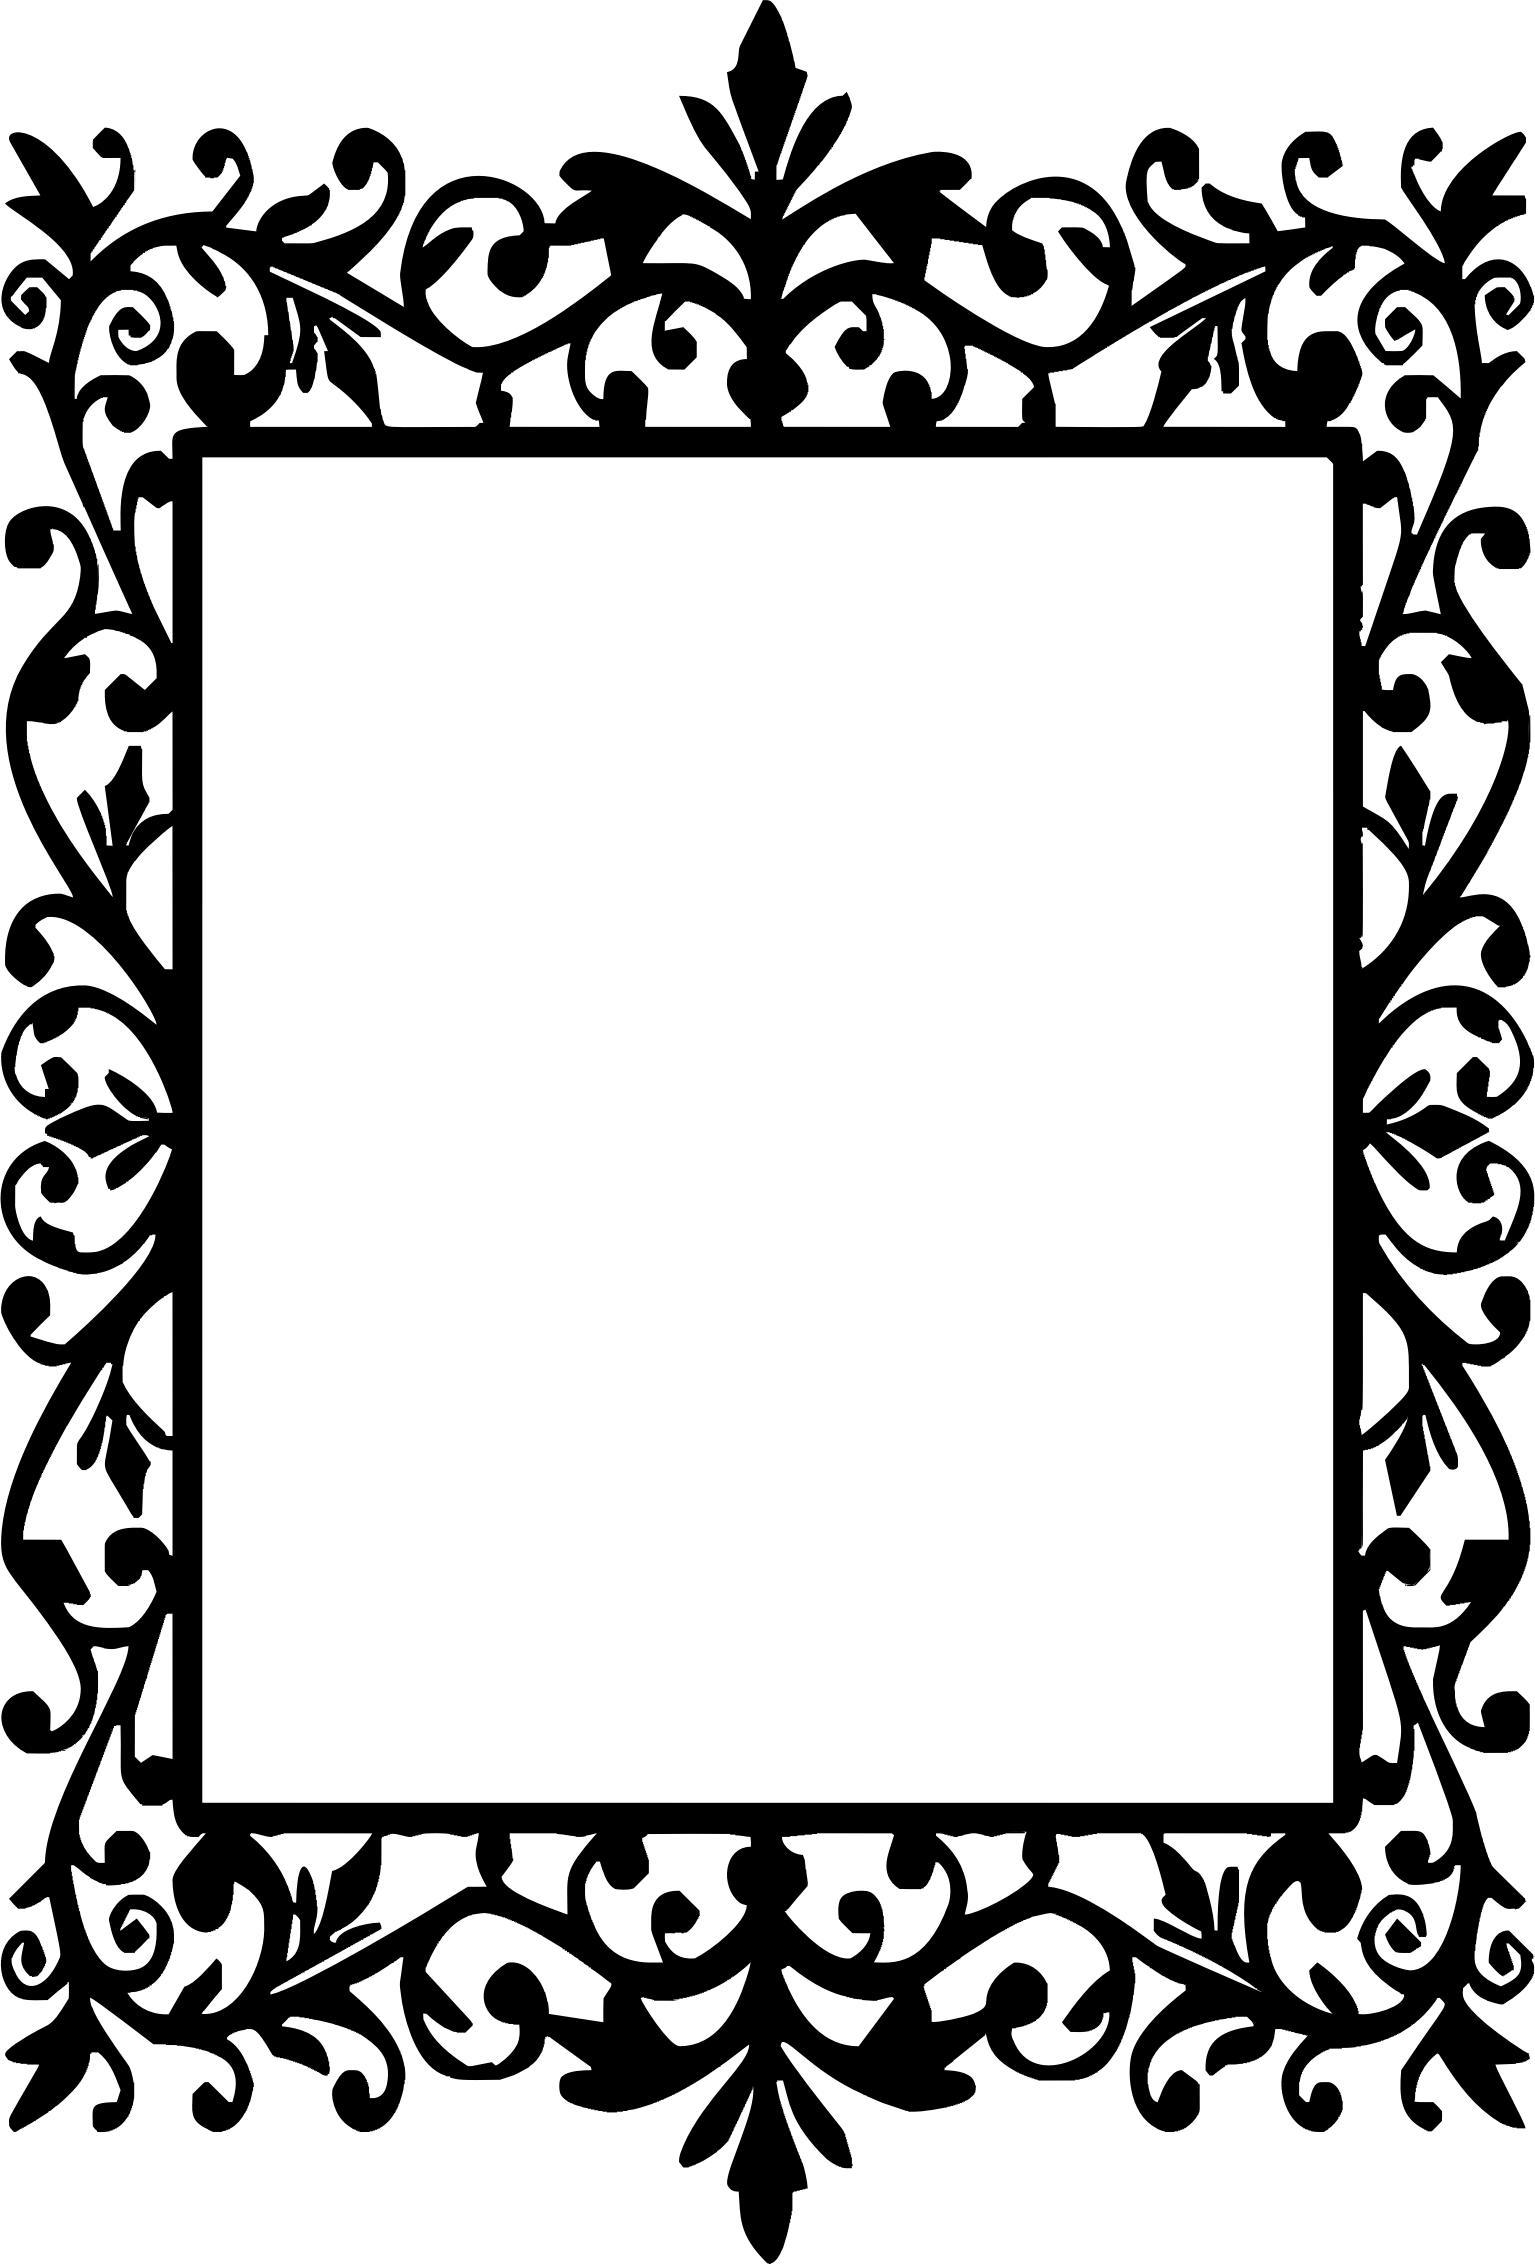 1535x2264 free frame icons png frame images black ornate png m77 black